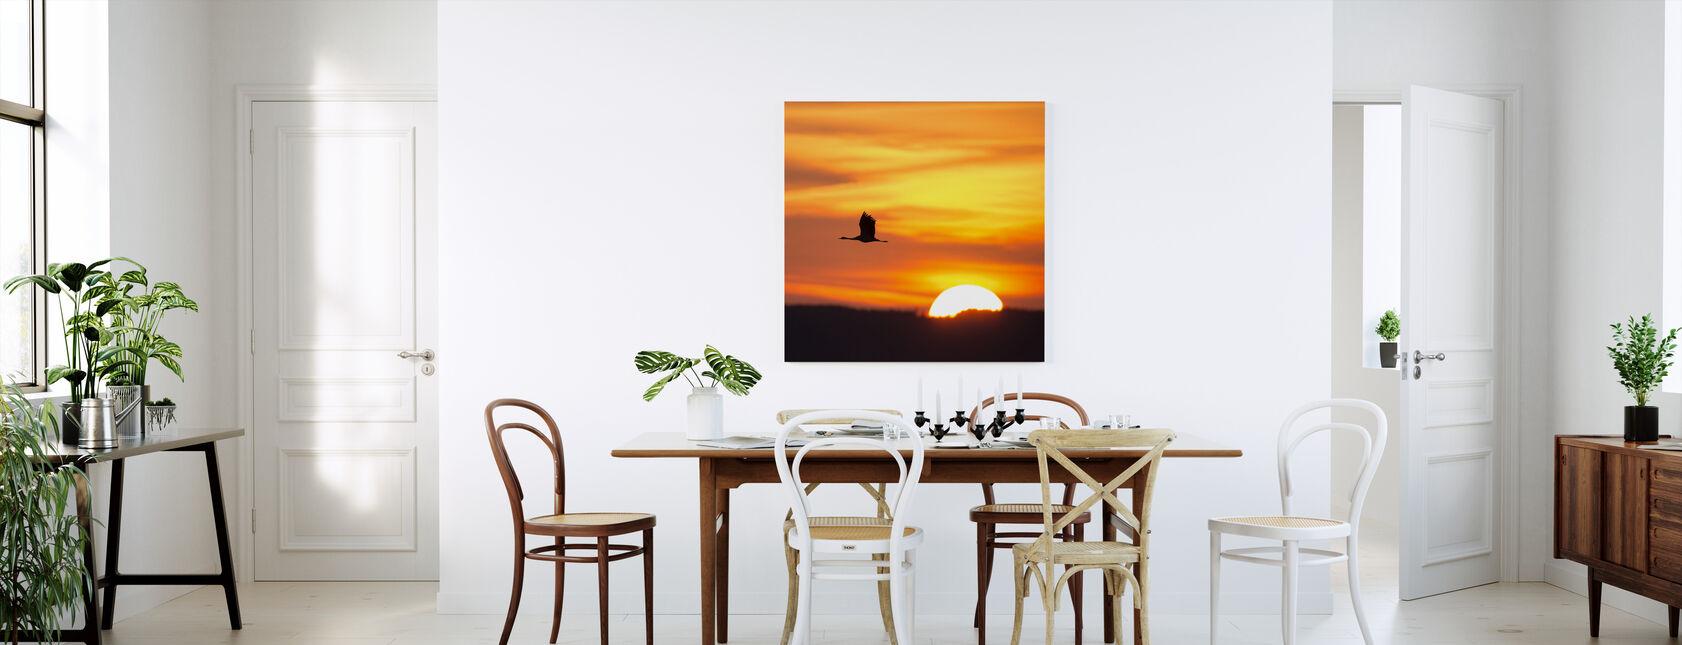 Kran og en smuk solopgang - Billede på lærred - Køkken